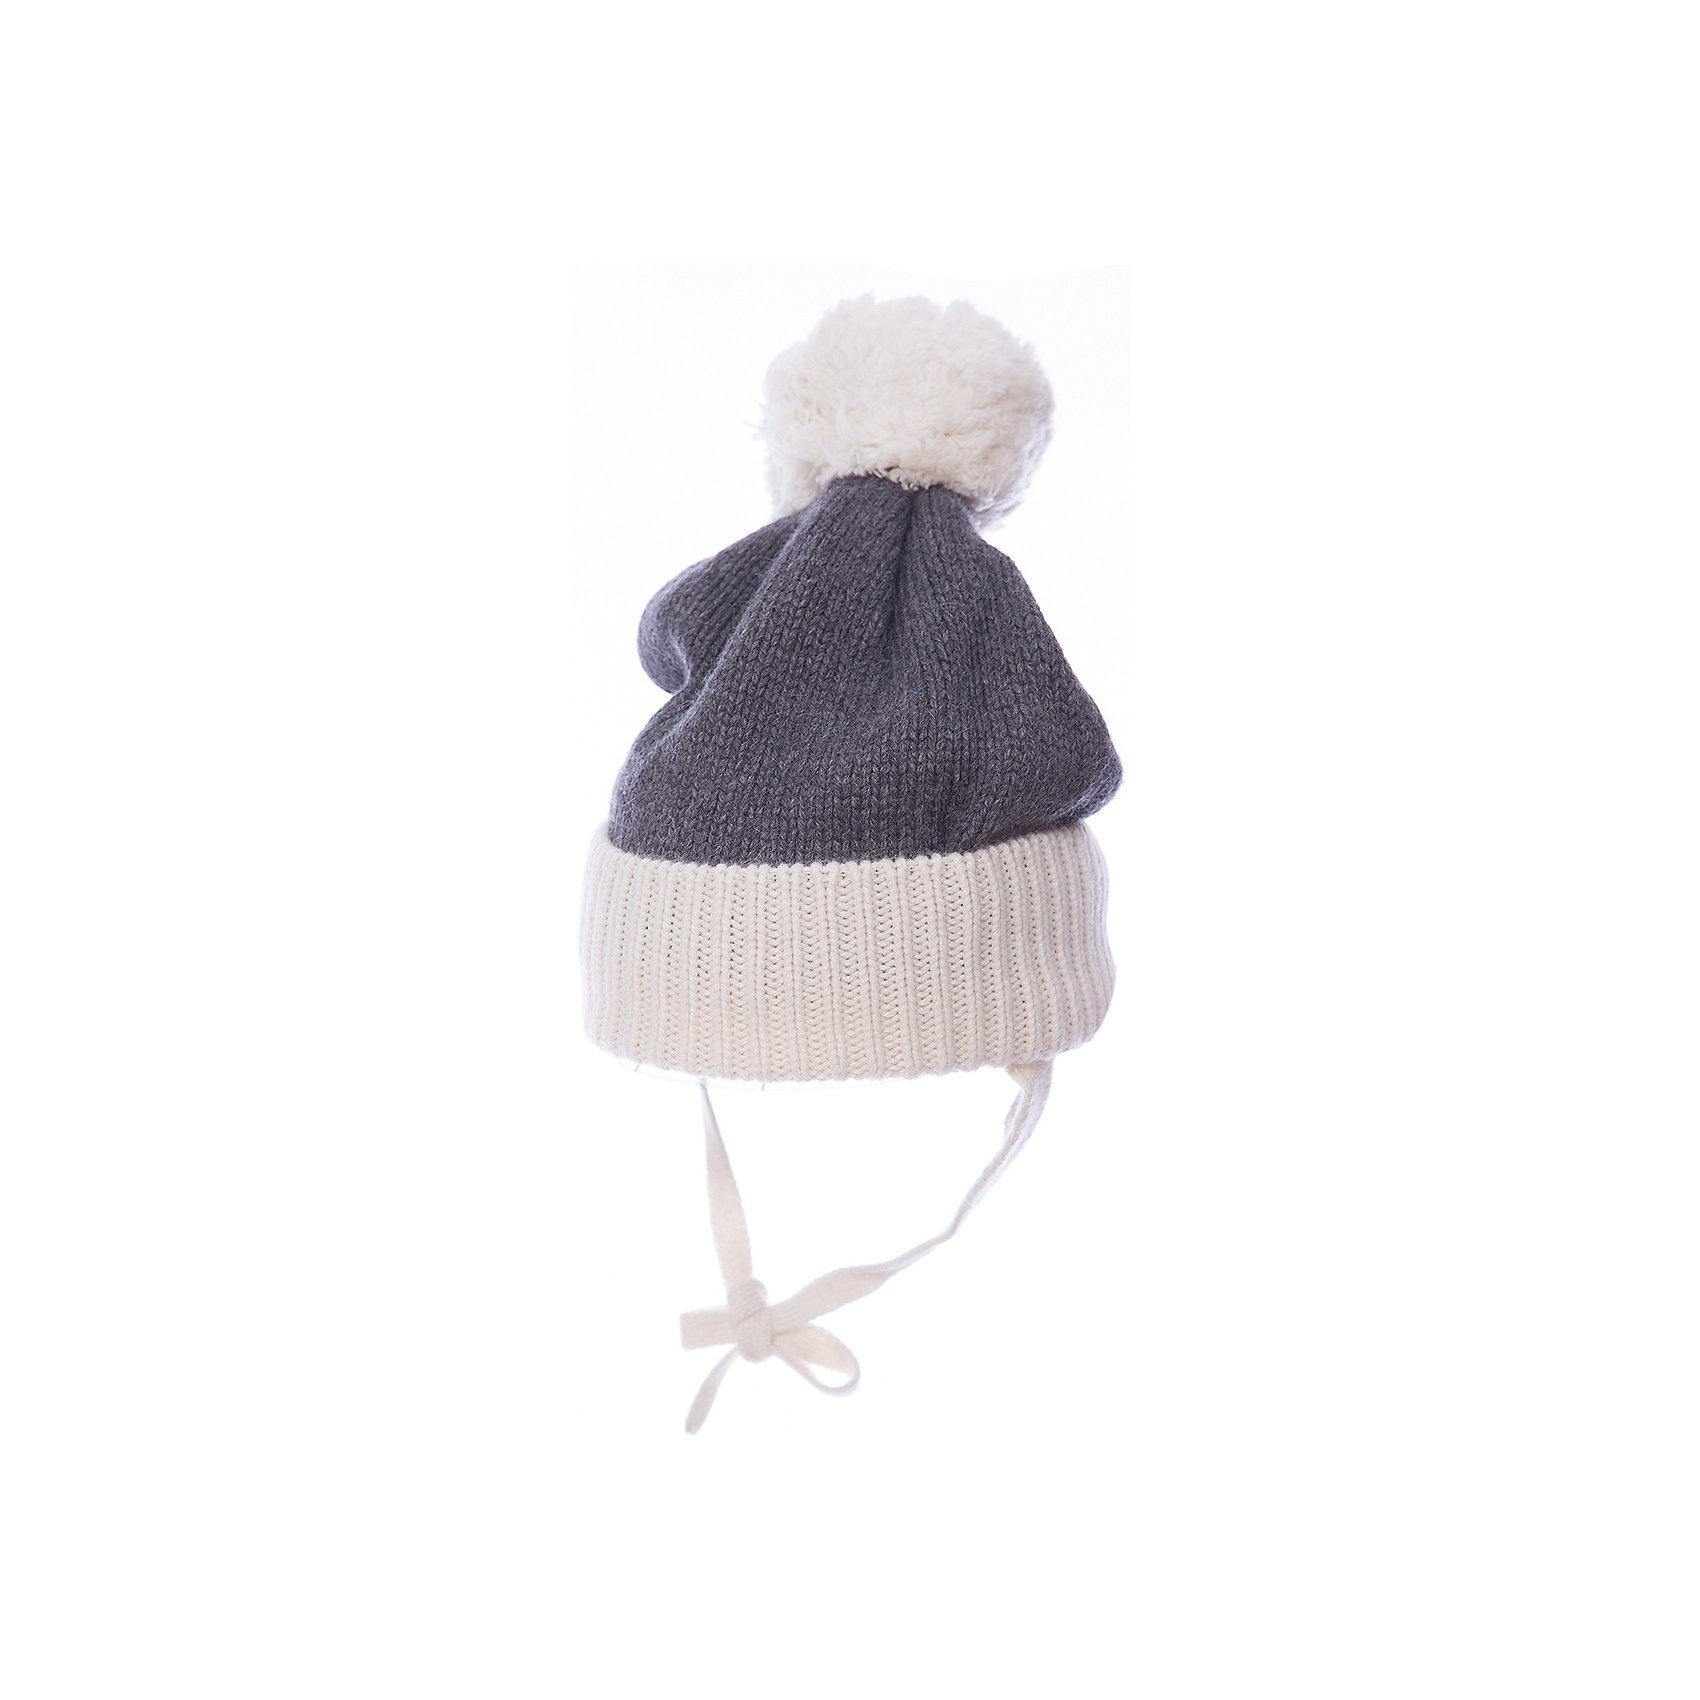 Шапка Gulliver для девочкиГоловные уборы<br>Шапка Gulliver для девочки<br>Купить шапку для девочки не так-то просто. Ведь хочется не только защитить ребенка от холода, но и красиво дополнить зимний образ ребенка. Шикарная шапка с помпоном - прекрасный вариант! Она завершит любой зимний комплект, придав ему яркие индивидуальные черты. Отличный состав и качество пряжи, мягкая флисовая подкладка исключают колкость изделия, гарантируя уют и комфорт.<br>Состав:<br>верх:                          40% вискоза     20% шерсть     20% нейлон     20% ангора;               подкладка:           100% полиэстер<br><br>Ширина мм: 89<br>Глубина мм: 117<br>Высота мм: 44<br>Вес г: 155<br>Цвет: серый<br>Возраст от месяцев: 48<br>Возраст до месяцев: 60<br>Пол: Женский<br>Возраст: Детский<br>Размер: 52,50<br>SKU: 7078569